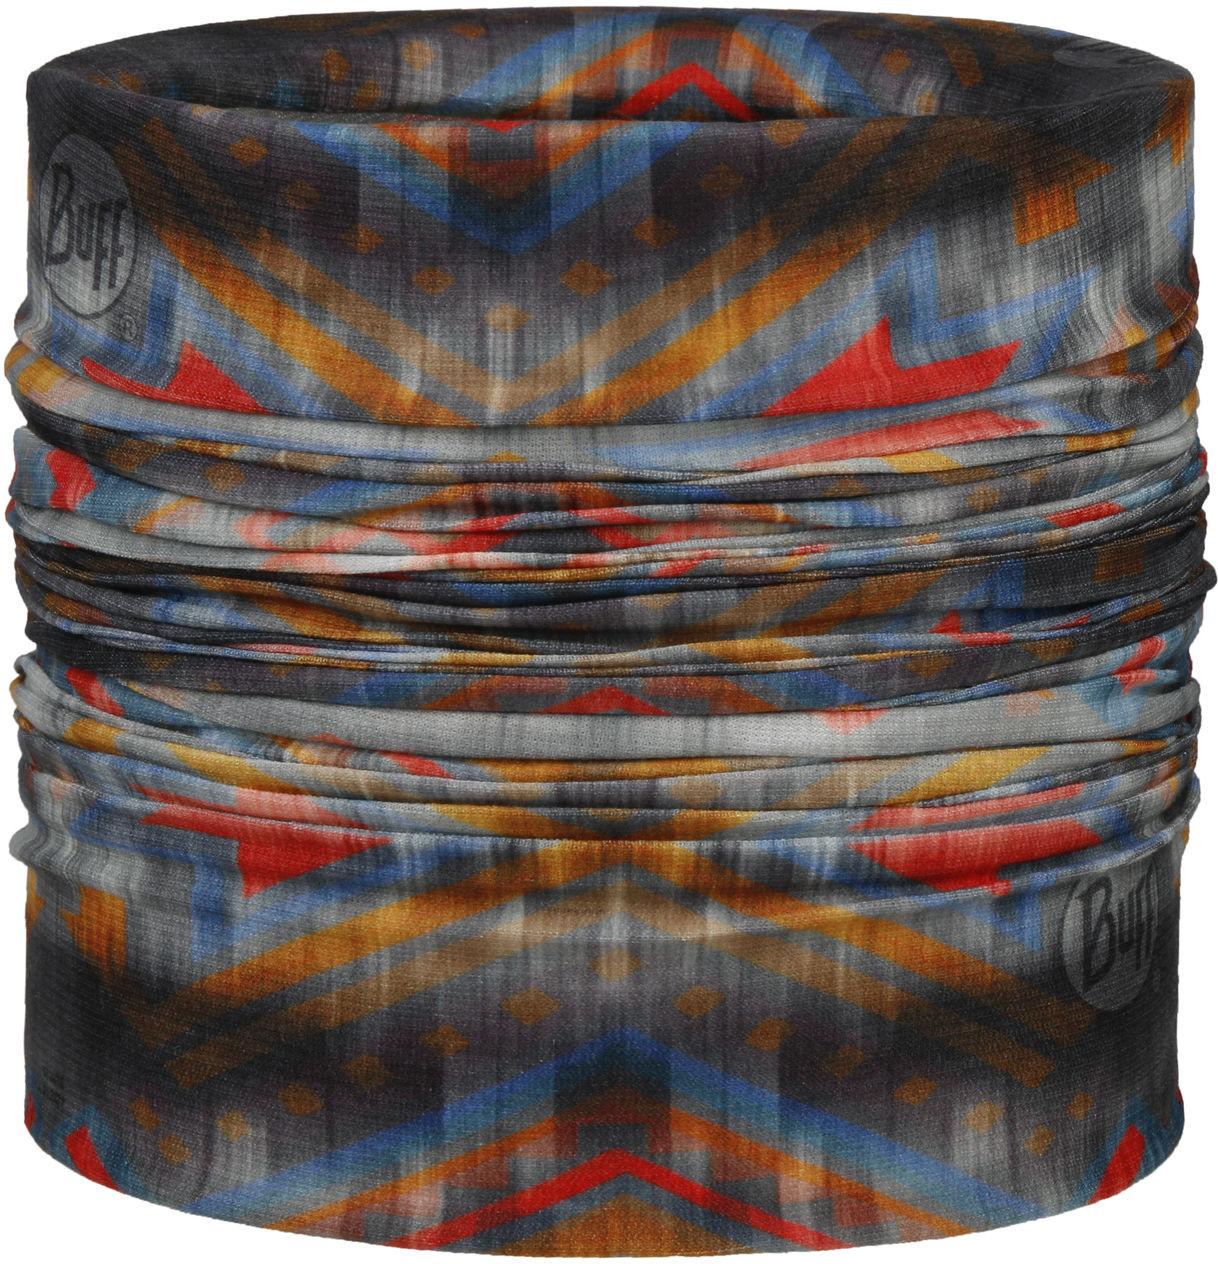 Chustka Wielozadaniowa Coolnet Wild by BUFF, kolorowy, One Size